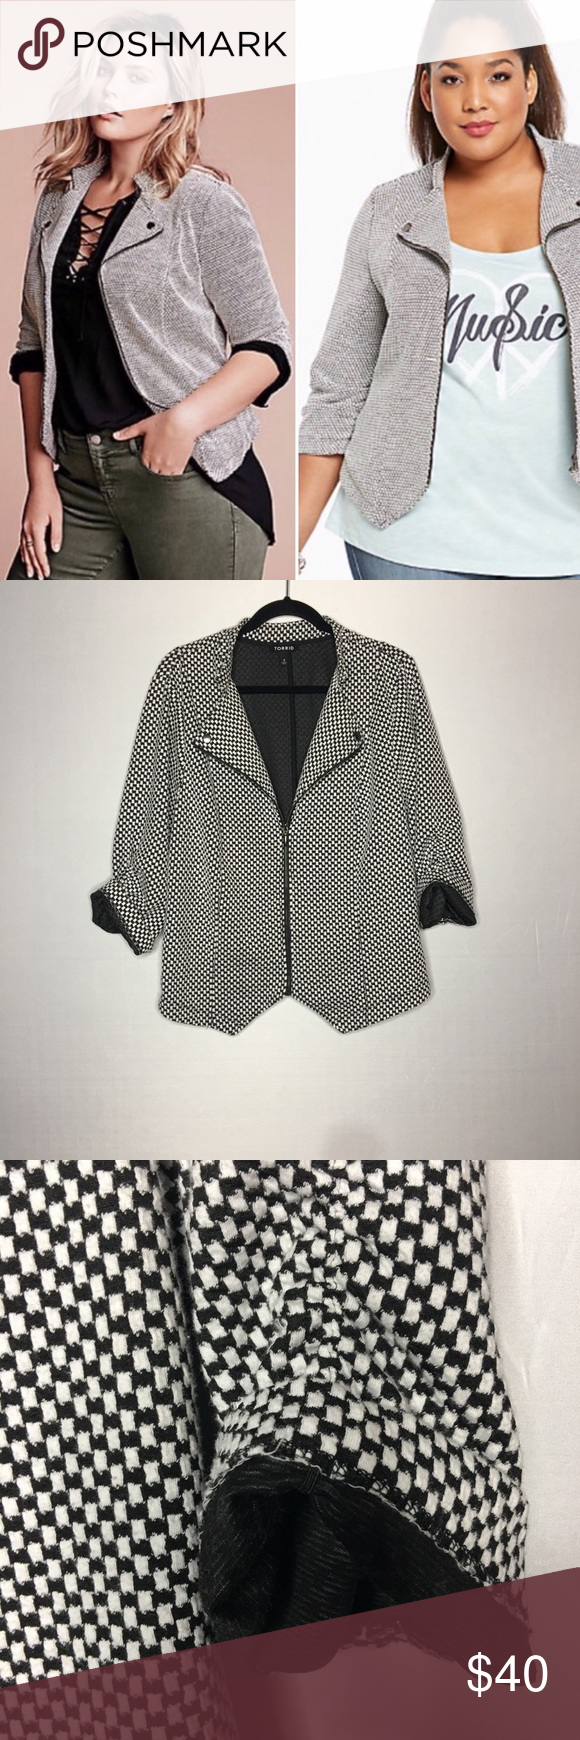 15e472f5987 Torrid Plus Size 3 Black White Moto Blazer Jacket Torrid Plus Size 3 moto  style blazer jacket